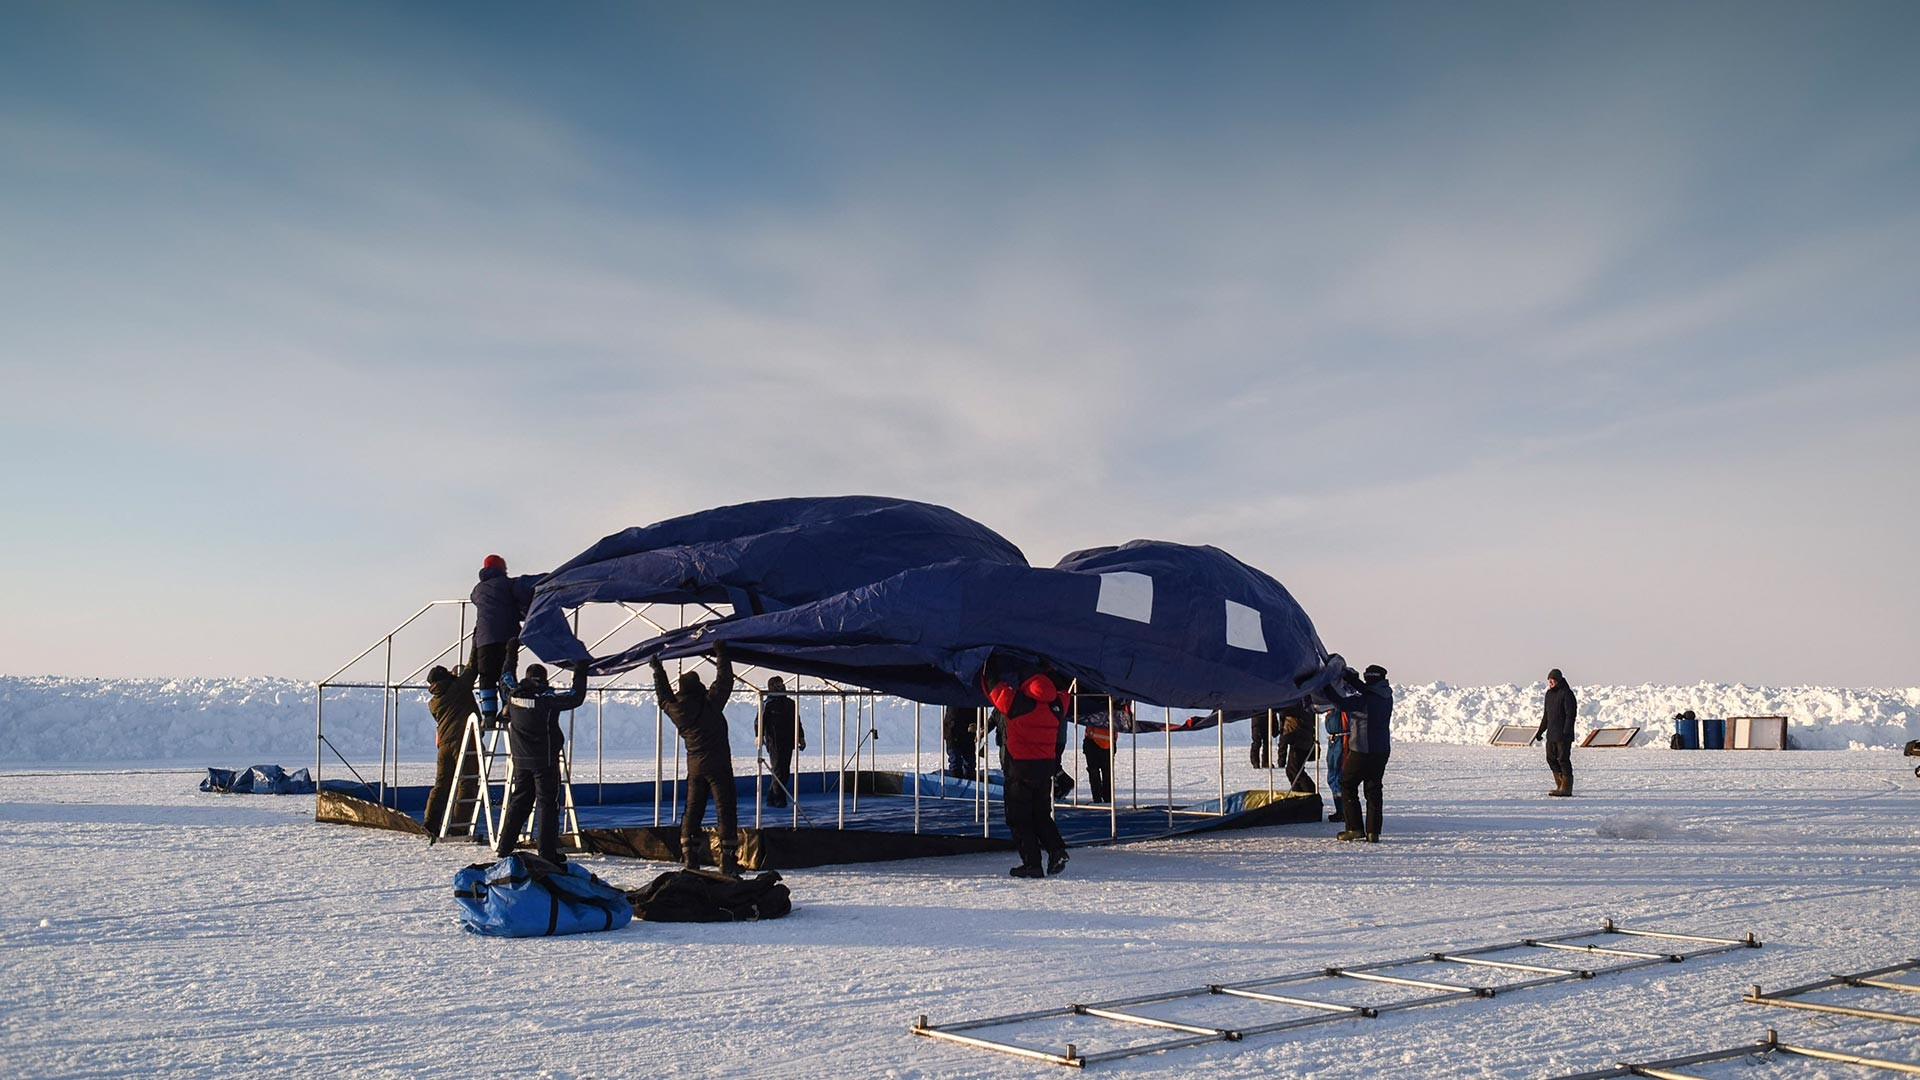 """Подизање кампа """"Борнео"""" на плутајућем леду, подручје Северног пола, Арктик."""